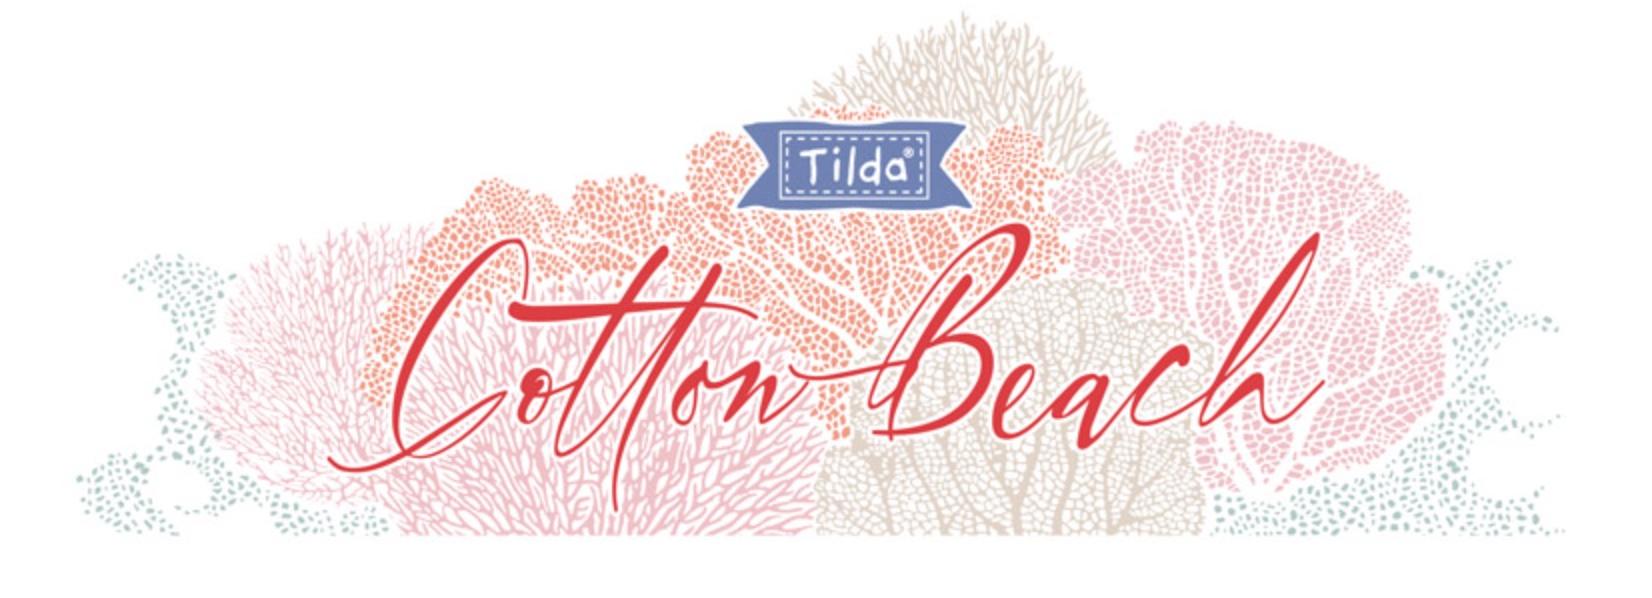 TILDA Cotton Beach